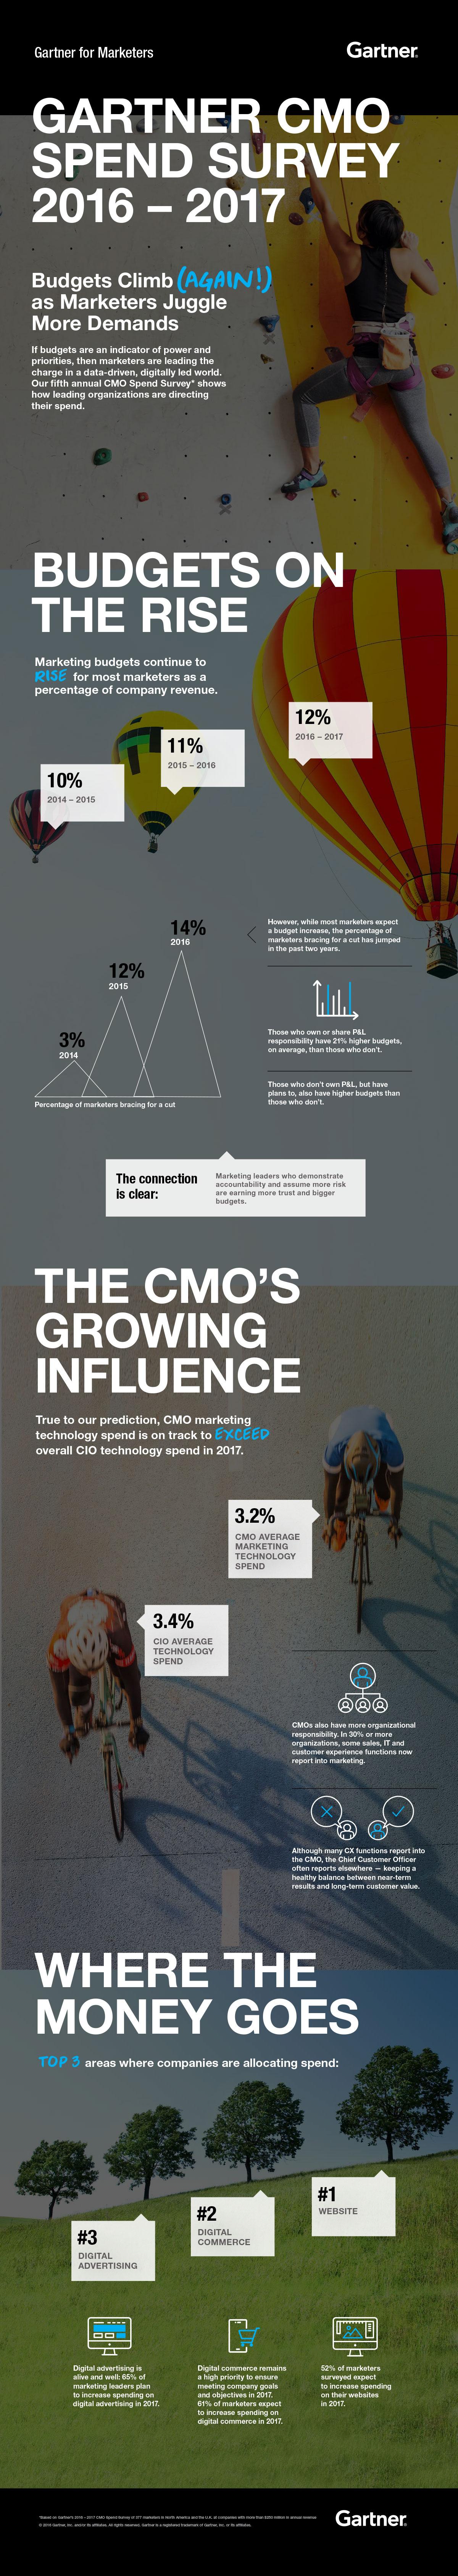 Gartner CMO Spend Survey 2016 - 2017